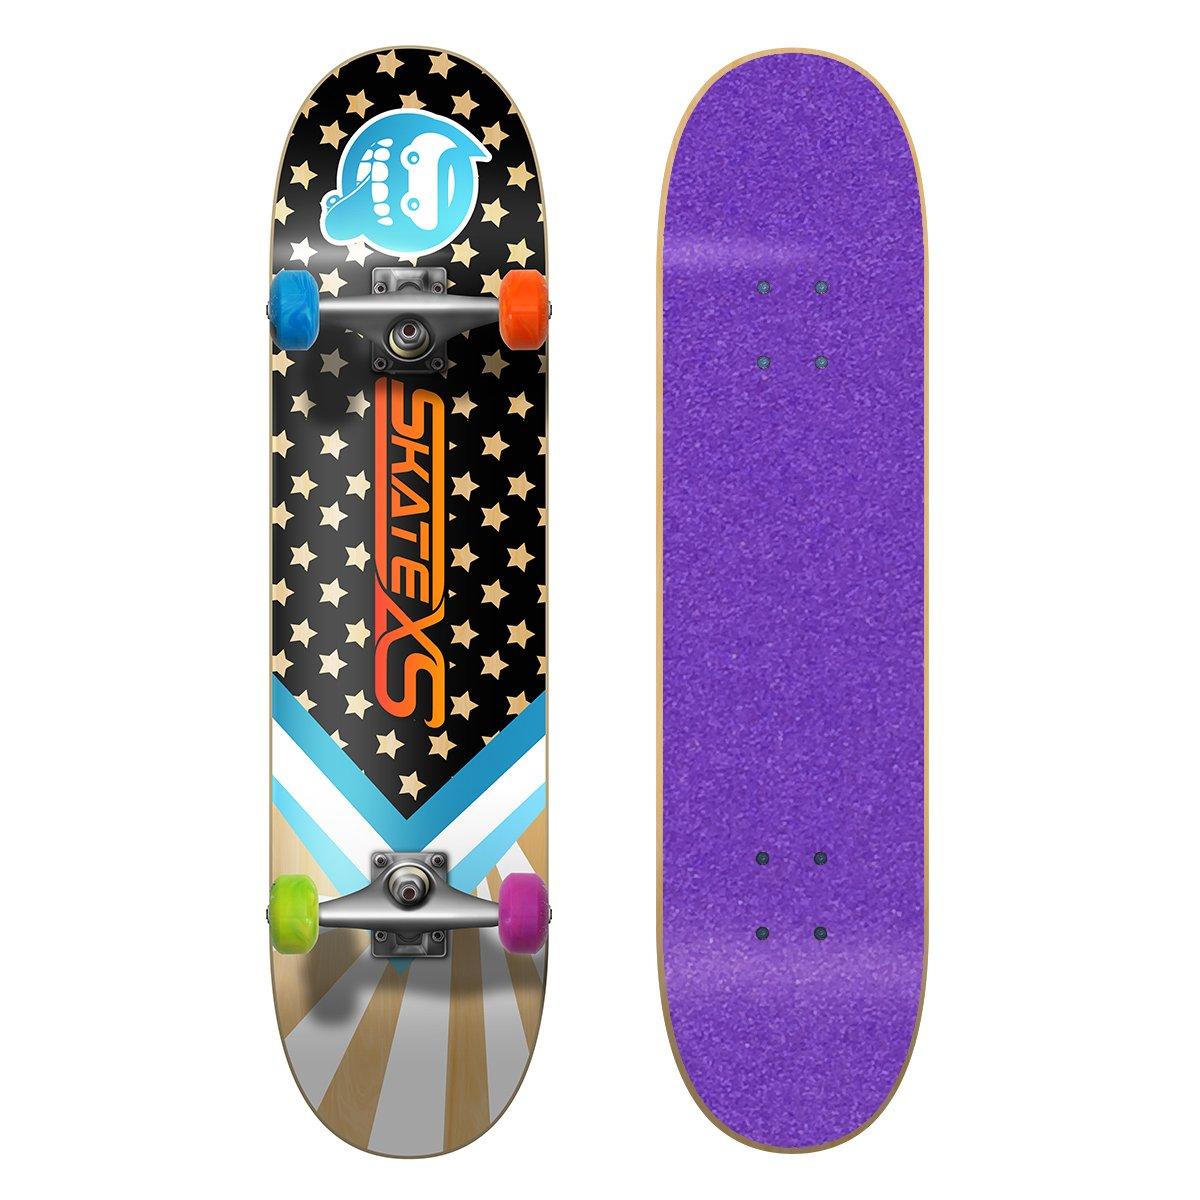 (税込) SkateXS Tape 初心者 スターボード/ ストリート スケートボード B01MQS5ZL3 7.4 Multi-Color x 30 (Ages 11-12)|Purple Grip Tape/ Multi-Color Wheels Purple Grip Tape/ Multi-Color Wheels 7.4 x 30 (Ages 11-12), 掛け時計 専門店 allclocks:4359bc92 --- a0267596.xsph.ru